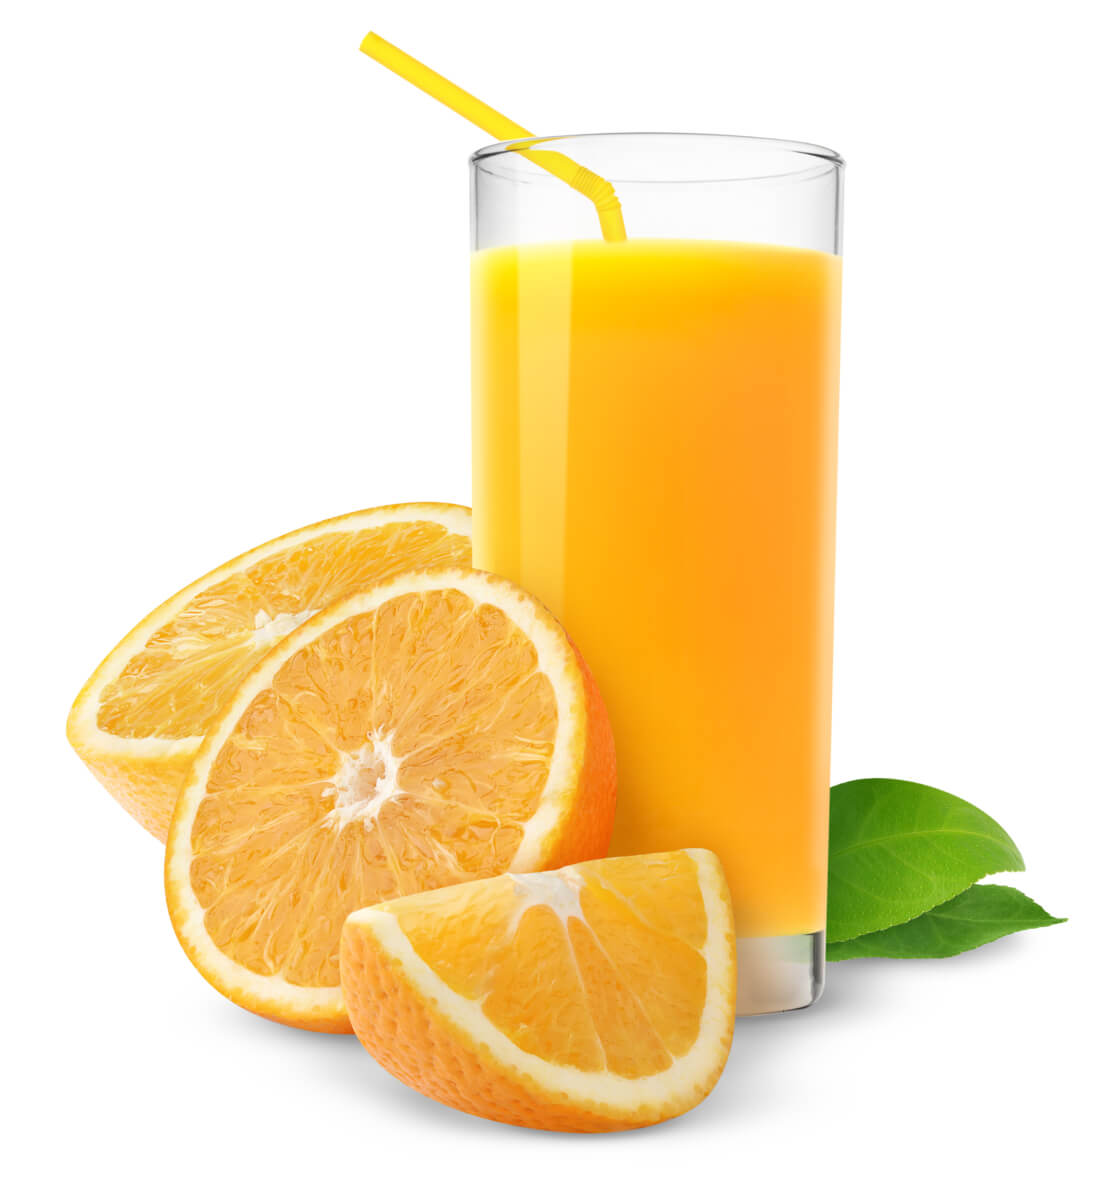 Соки для похудения: как похудеть на соках. Соковая диета. Как приготовить сок и проведение соковой диеты. Рецепты соковых диет